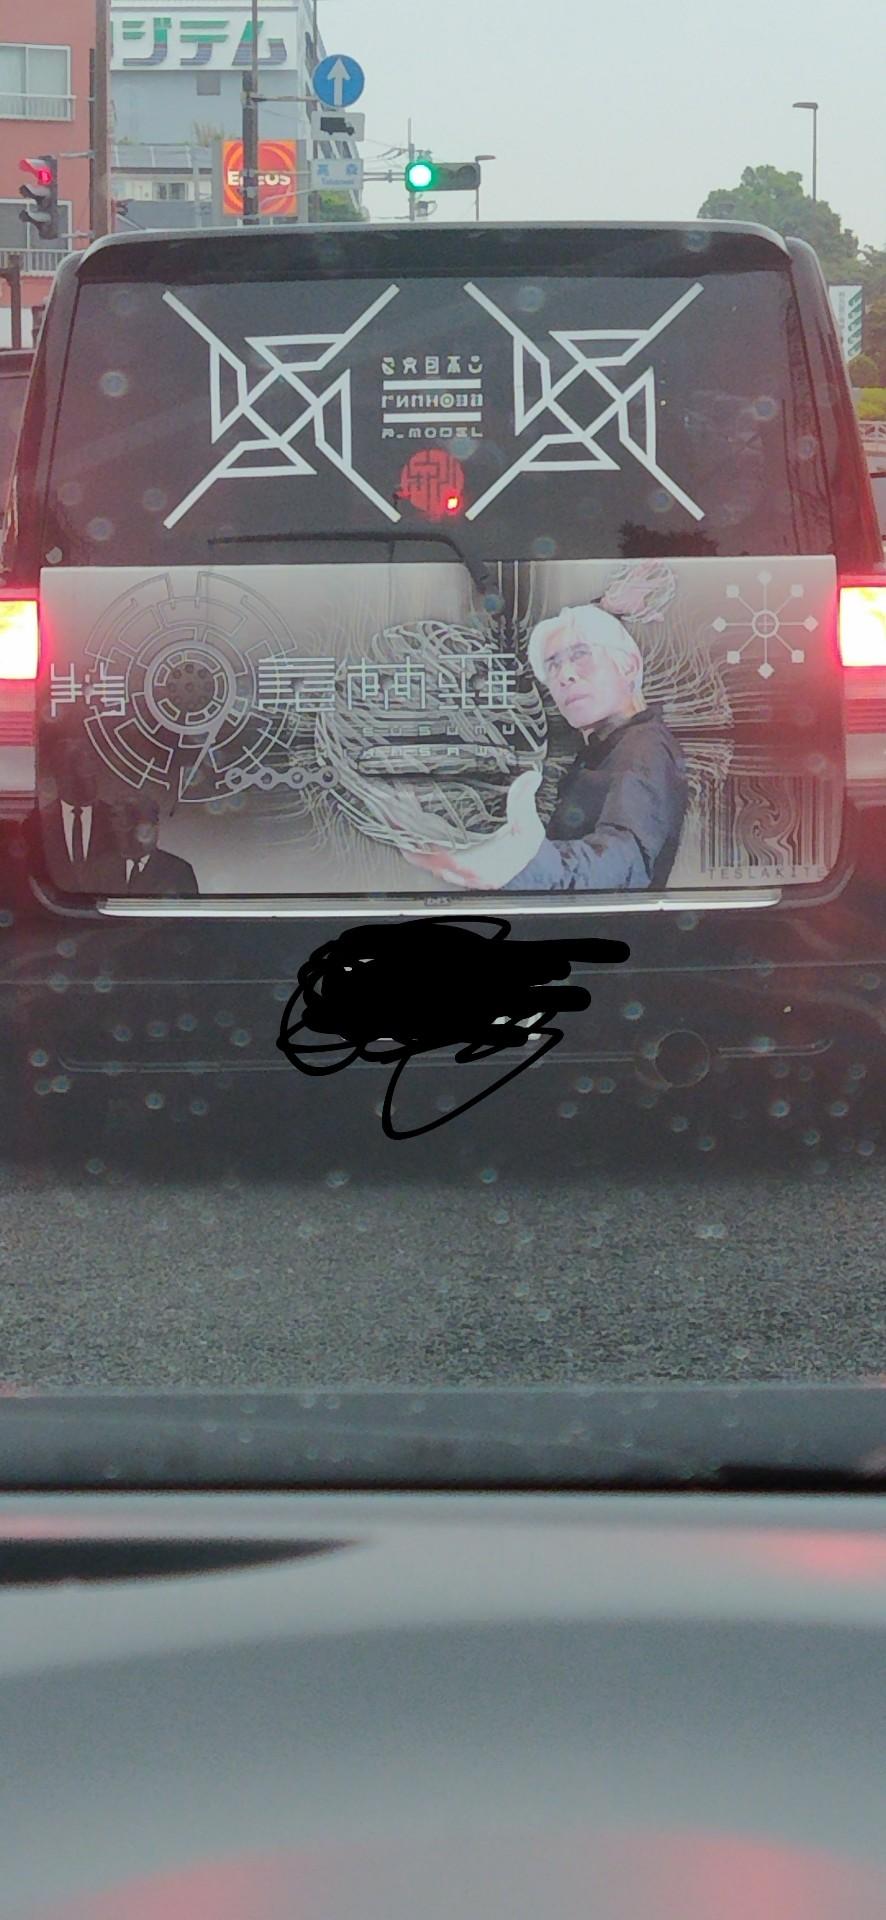 【画像】なんか気持ち悪い痛車?が前を走ってんだがこの人だれ?